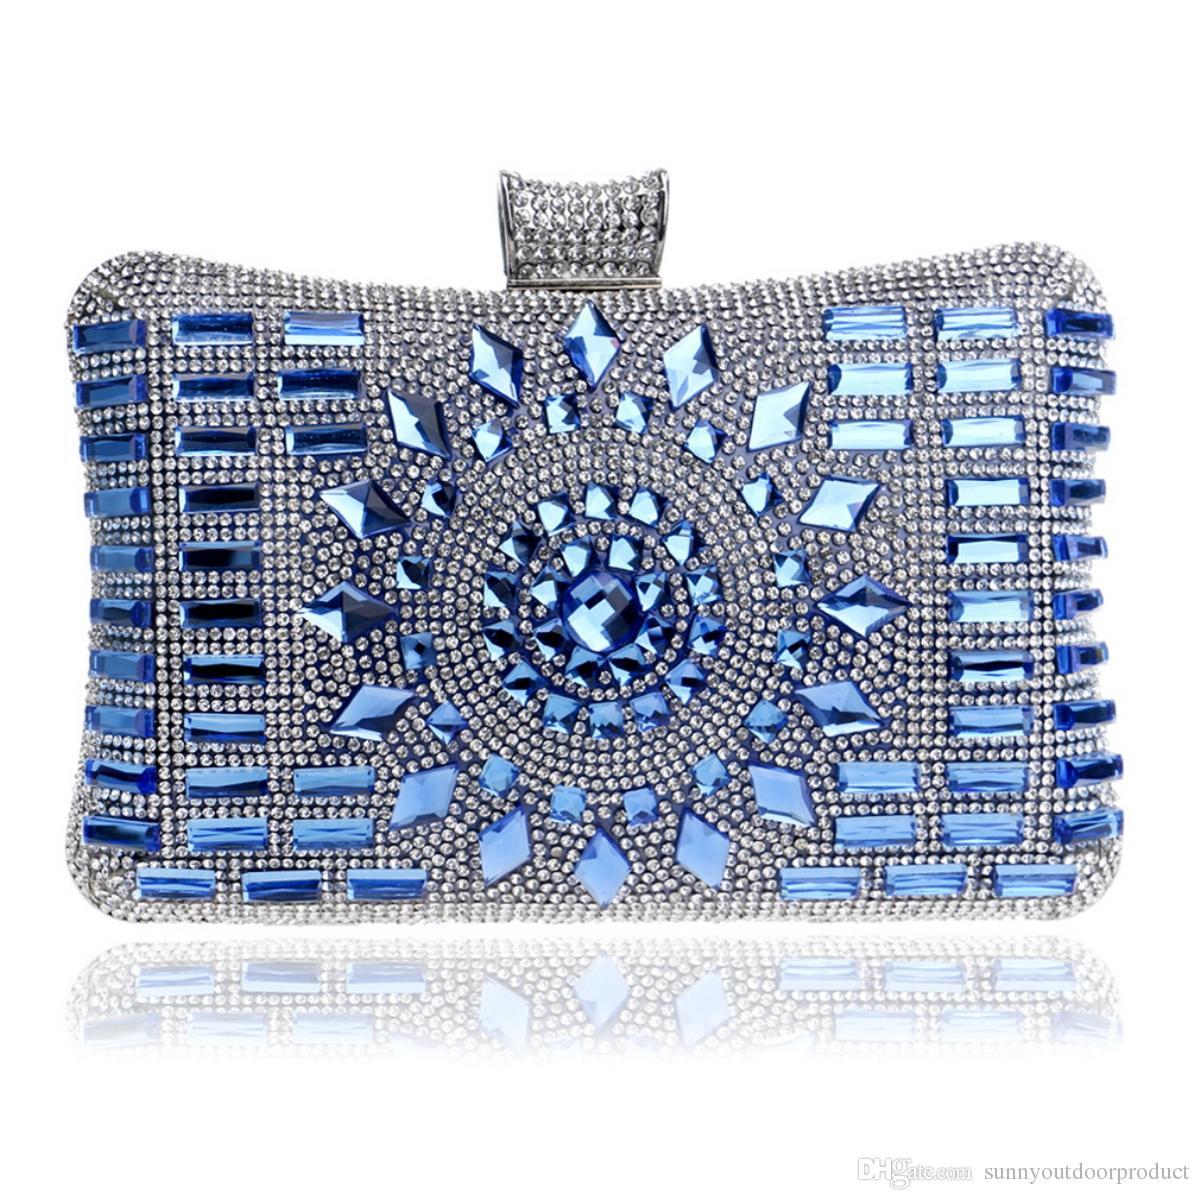 cb0412b188b New Fashion Women Diamond Rhinestones Crystal Evening Bag Lady Clutch Bag  Shoulder Bag With Chain Bridal Handbag Purse For Wedding Dinner Purses For  Sale ...